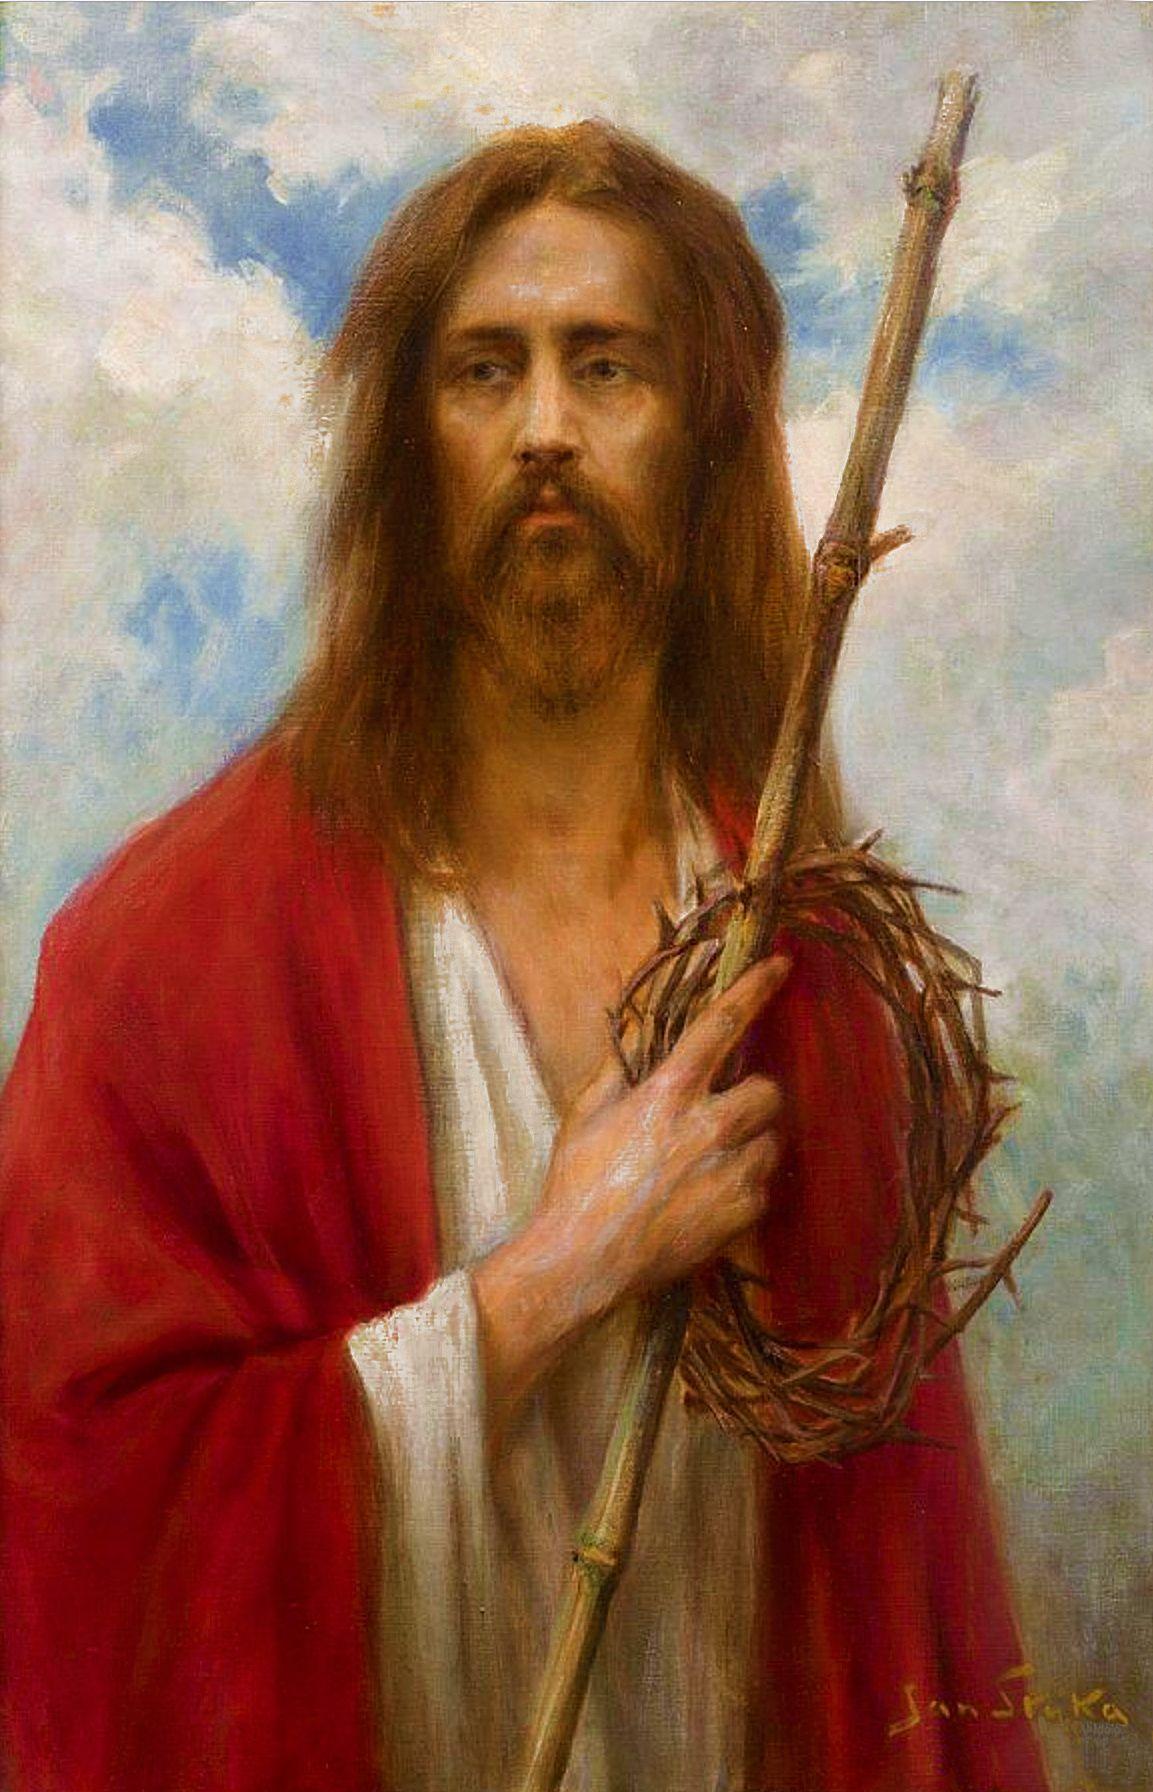 Ян Стика. Христос з тереновим вінцем, 1925; олія на полотні, 103х66 см